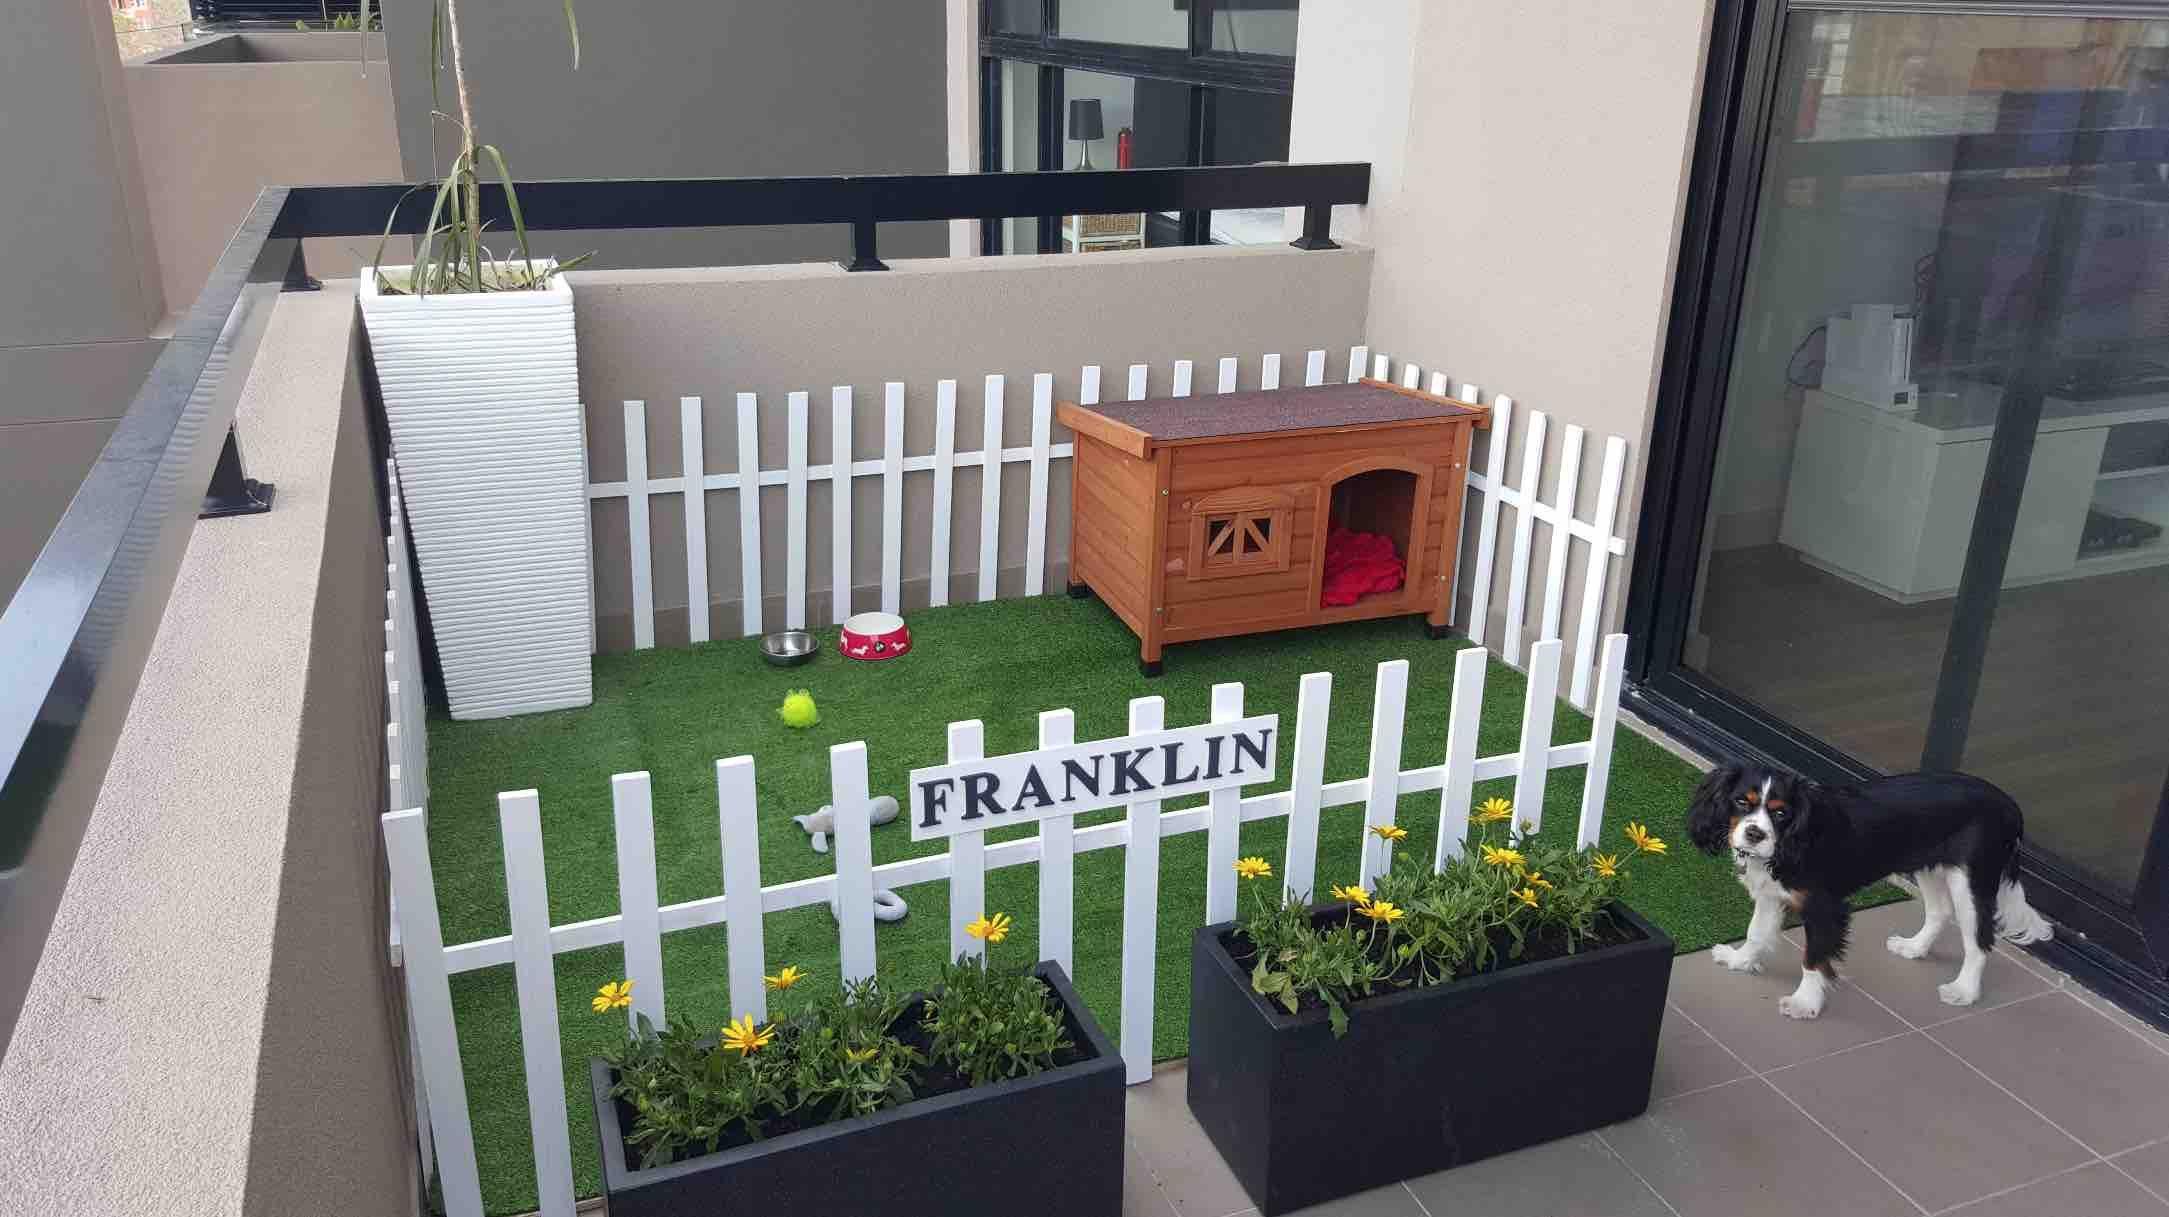 Asi Convirtieron Un Aburrido Balcon En Un Area De Juegos Para Su Perro Habitaciones De Perros Casas Para Perros Espacios Para Perros